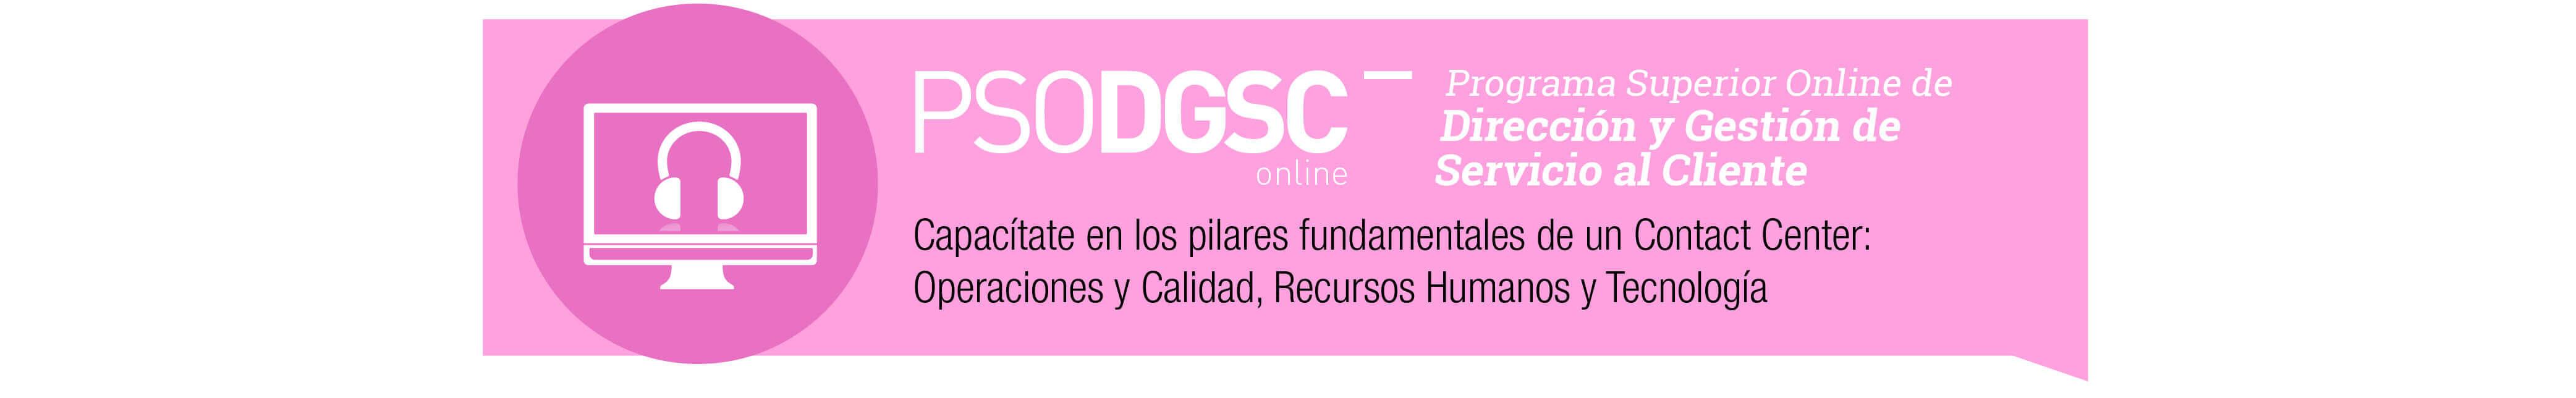 Programa Superior Online Dirección y Gestión Servicio Cliente